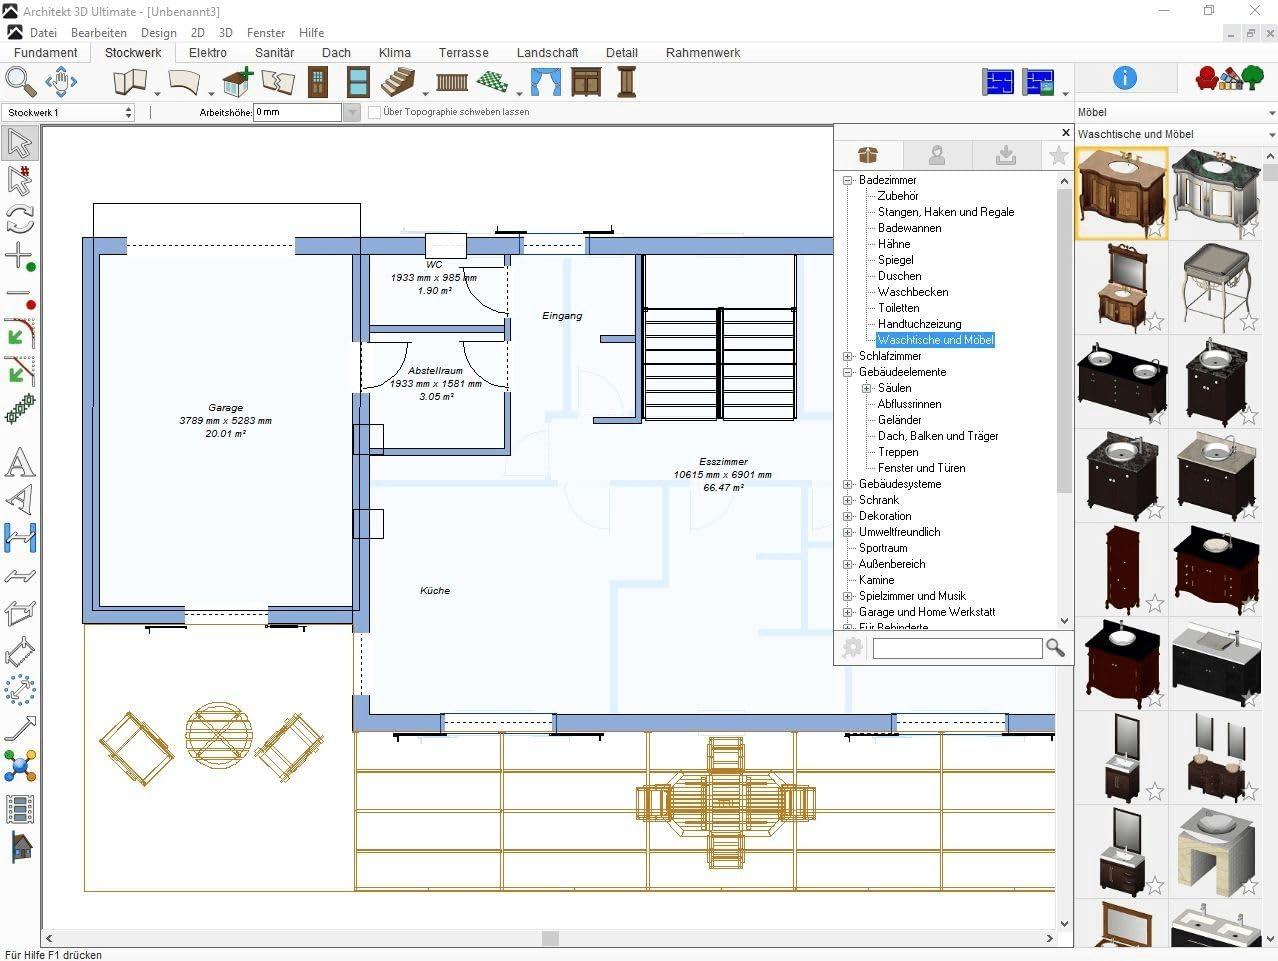 Architekt 3d X9 Ultimate Der Professionelle 3d Planer Fur Haus Wohnung Garten Und Inneneinrichtung Windows 10 8 7 Xp Vista 32 64 Bit Download Amazon De Software